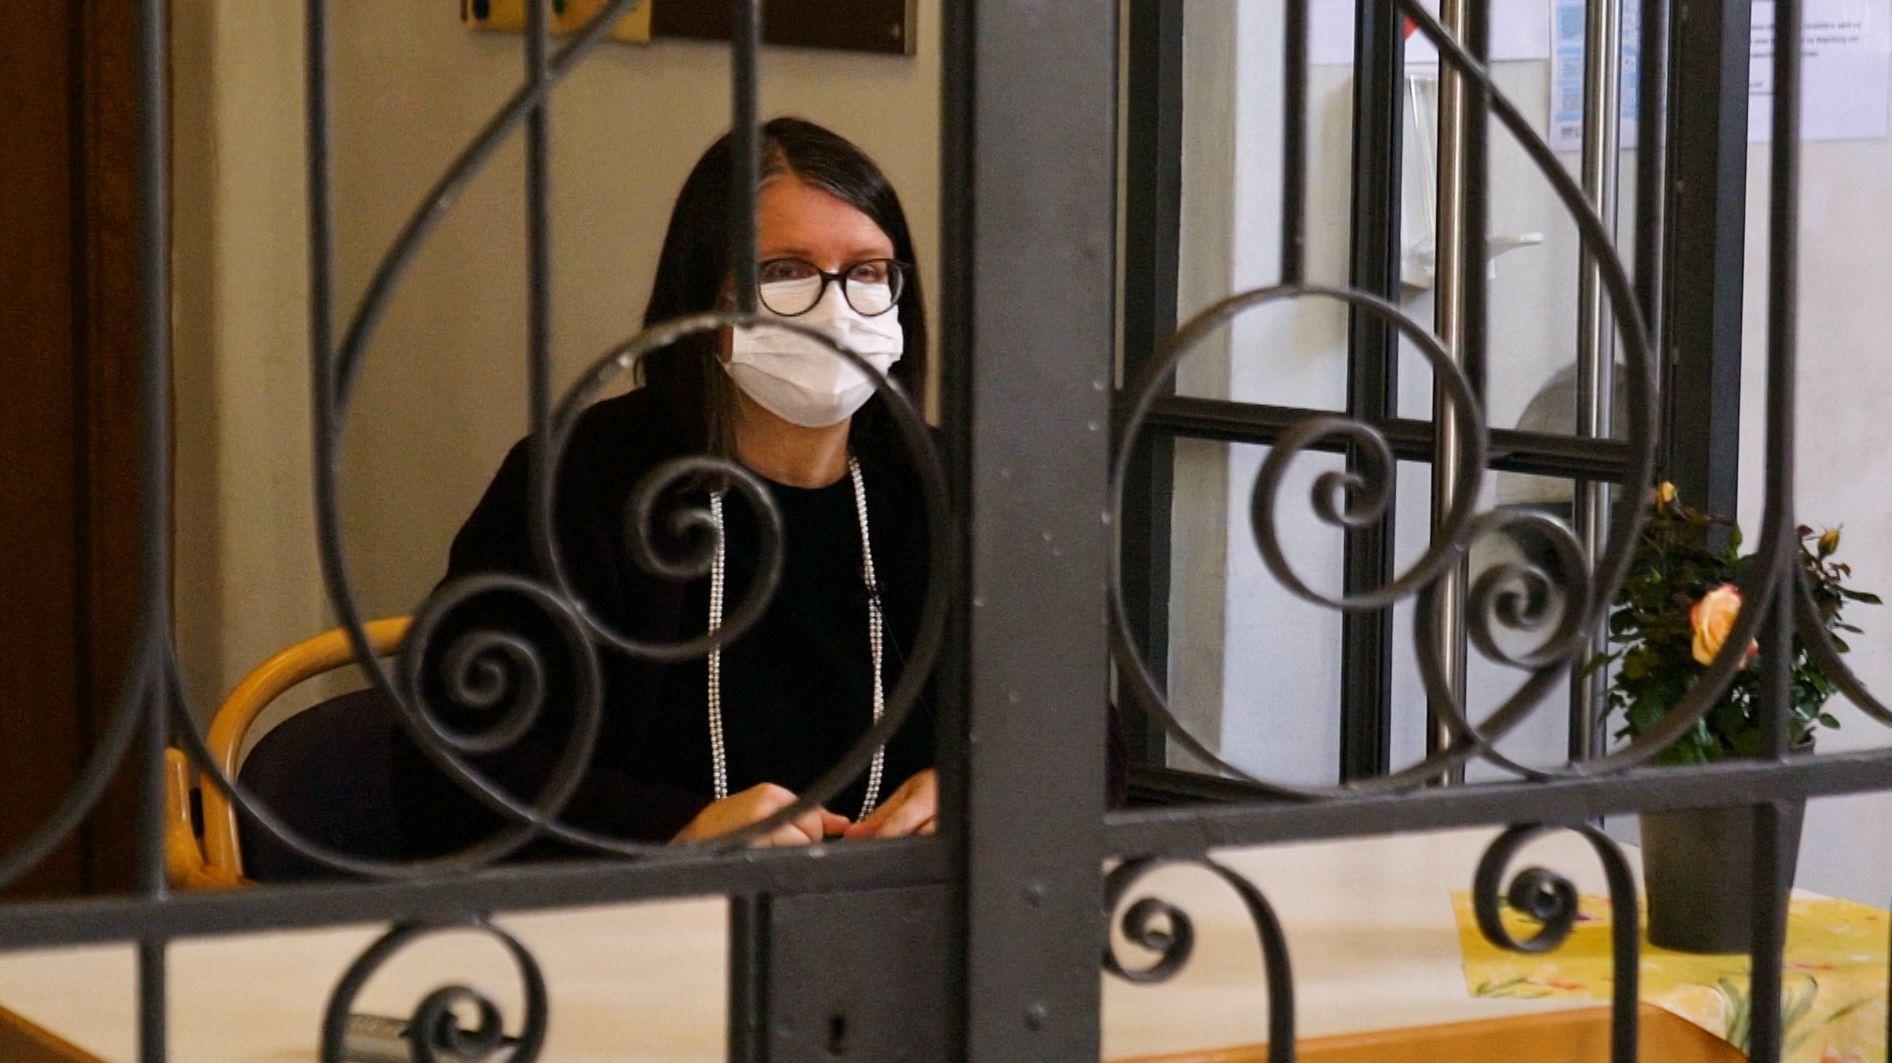 Frau hinter einem Gitter in einer Kirche